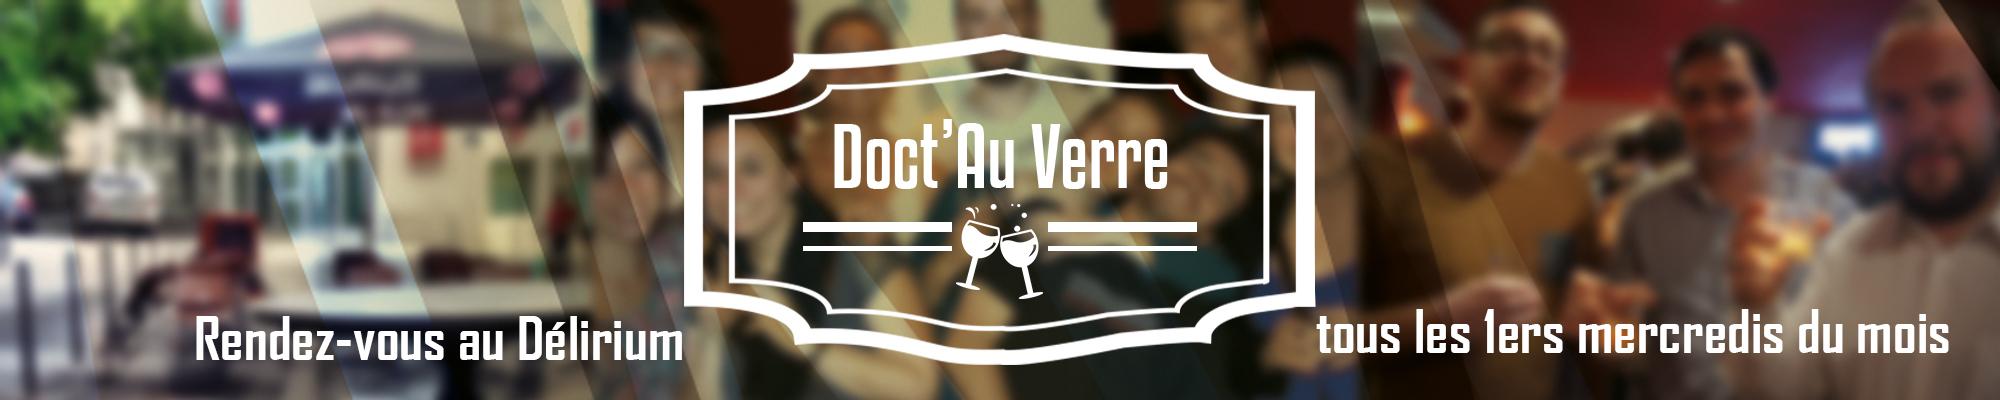 Doct'Au Verre